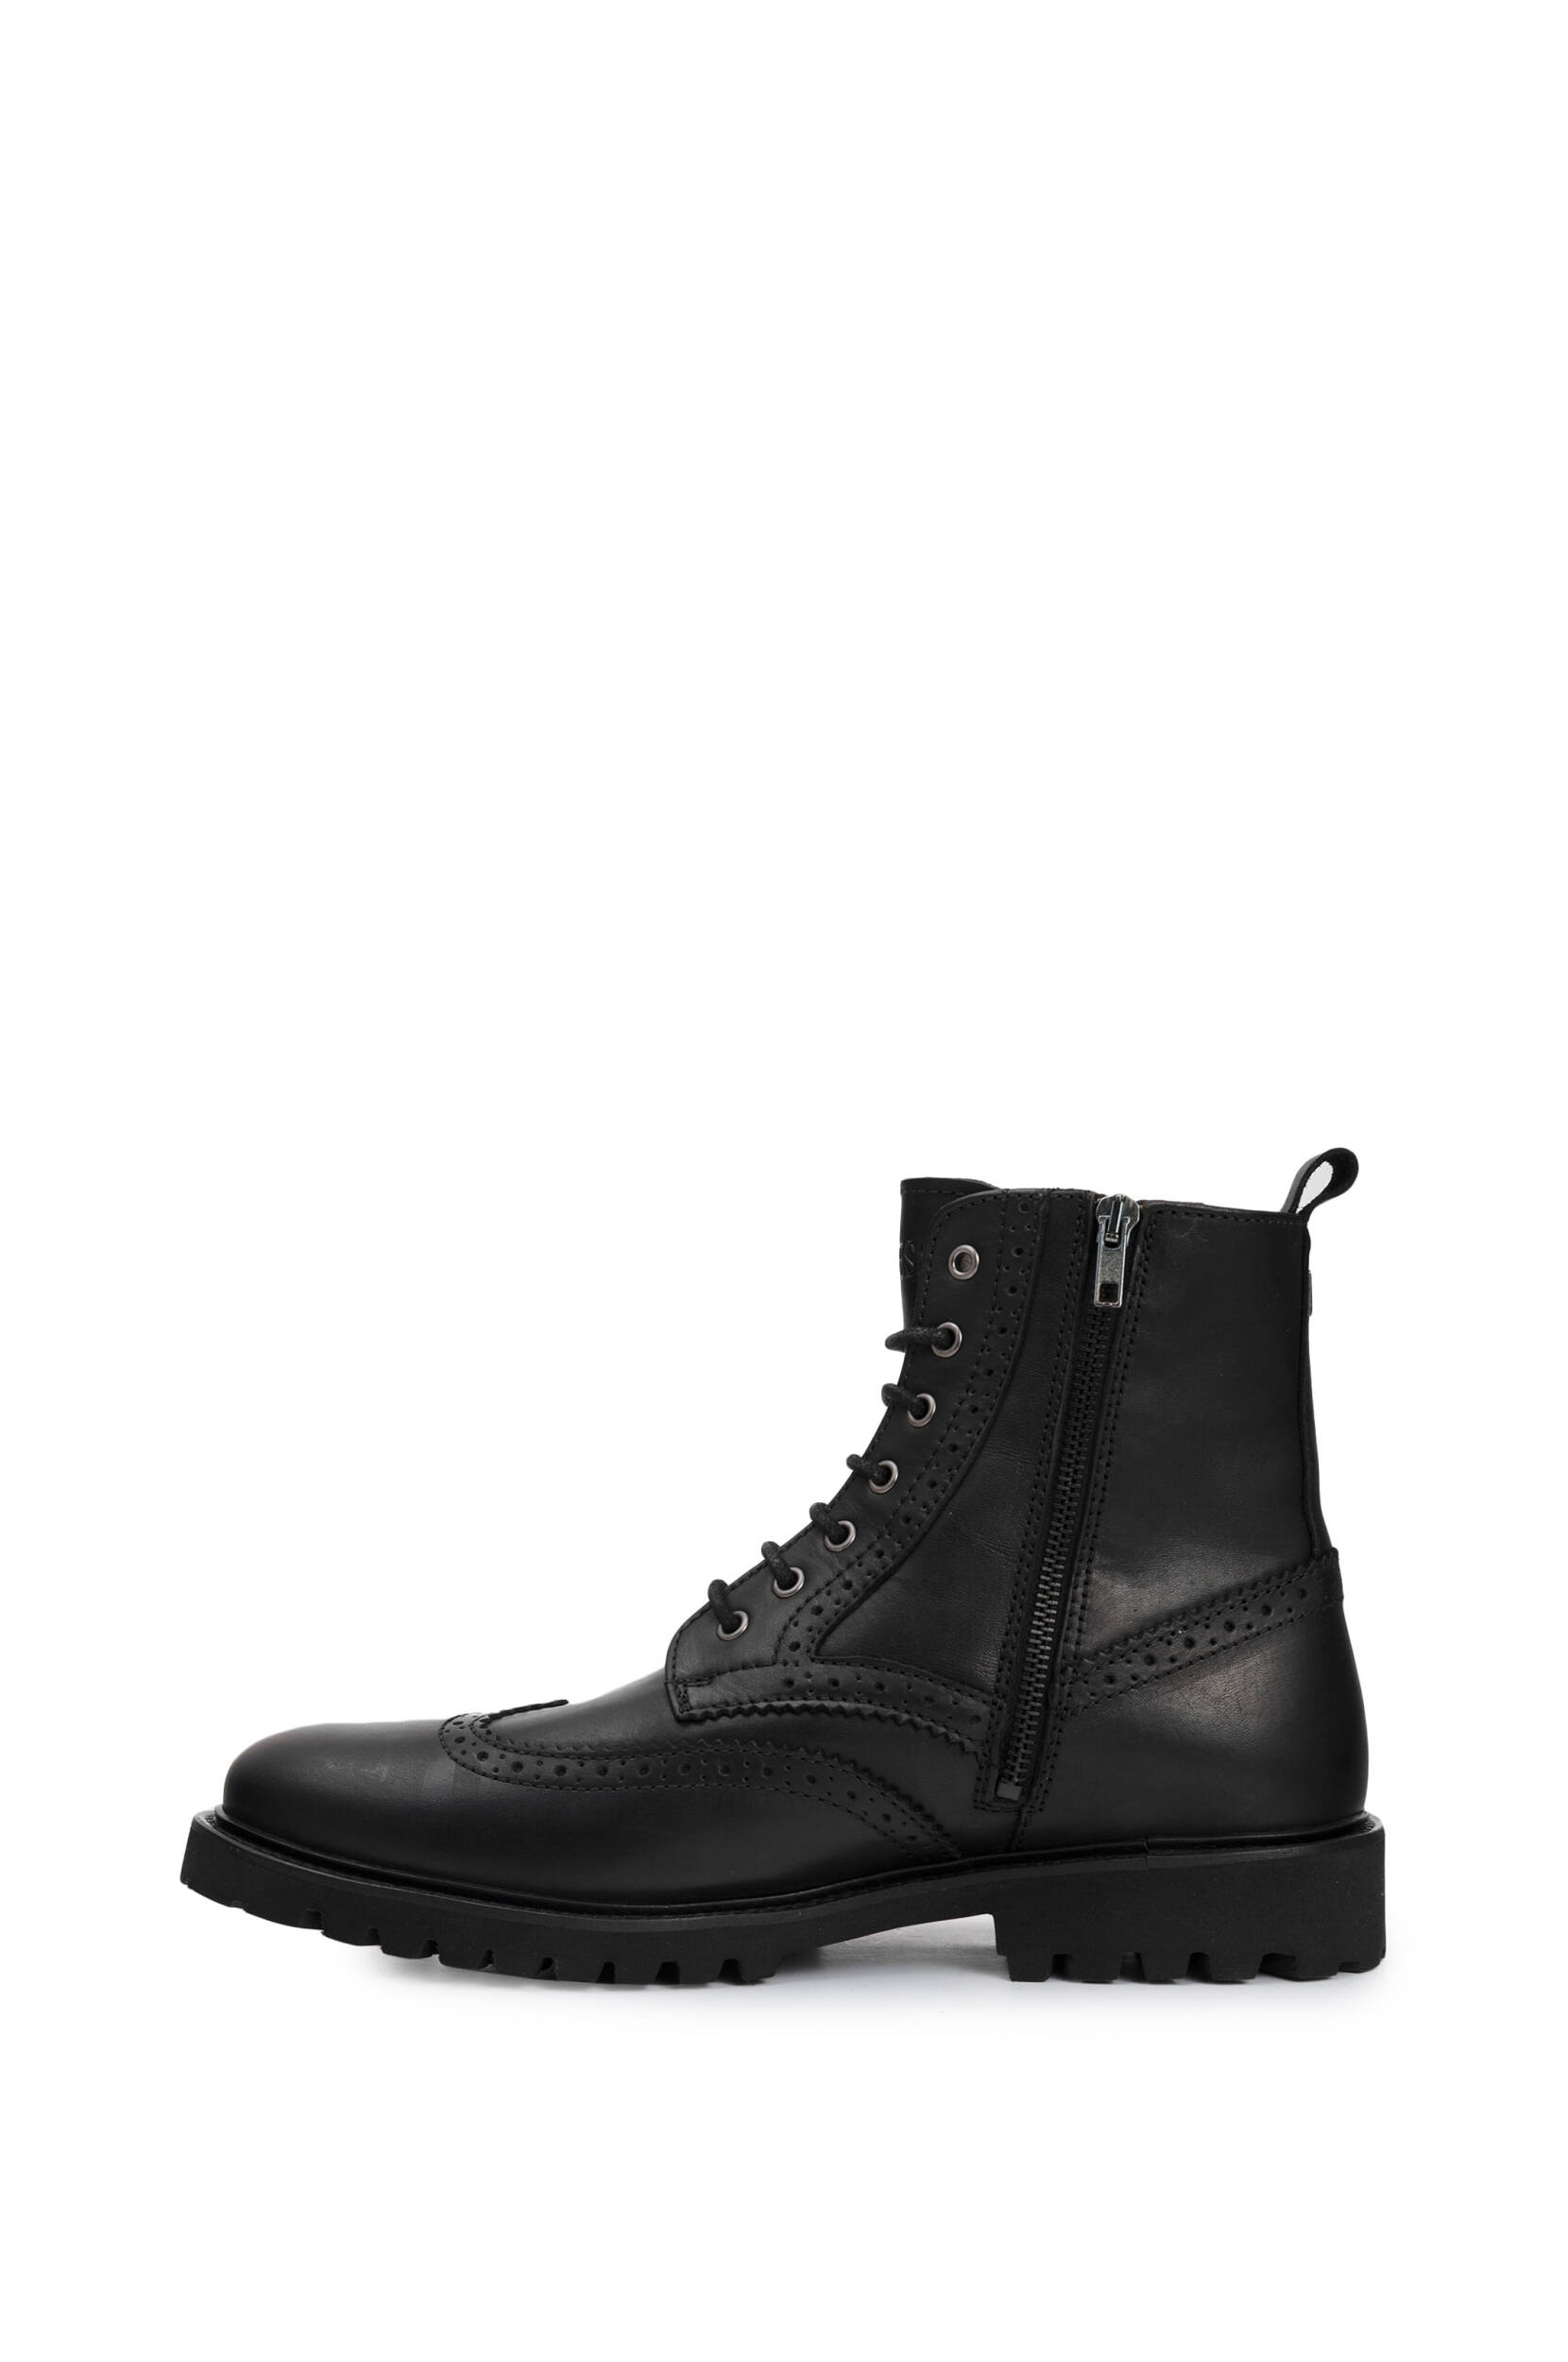 076c40b37a485 Boots Truman Guess